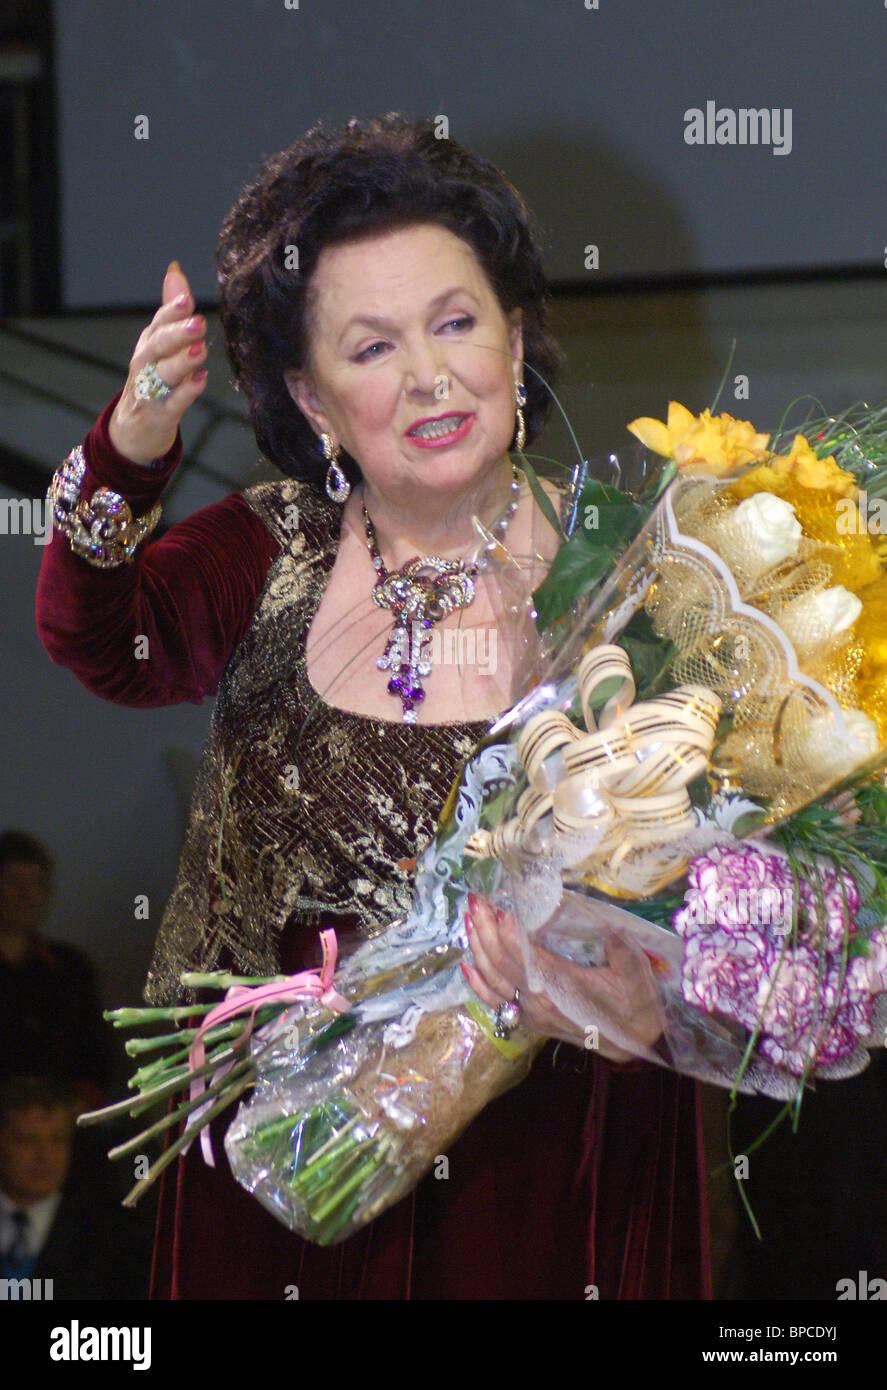 Today is the anniversary of Galina Vishnevskaya 10/25/2011 62